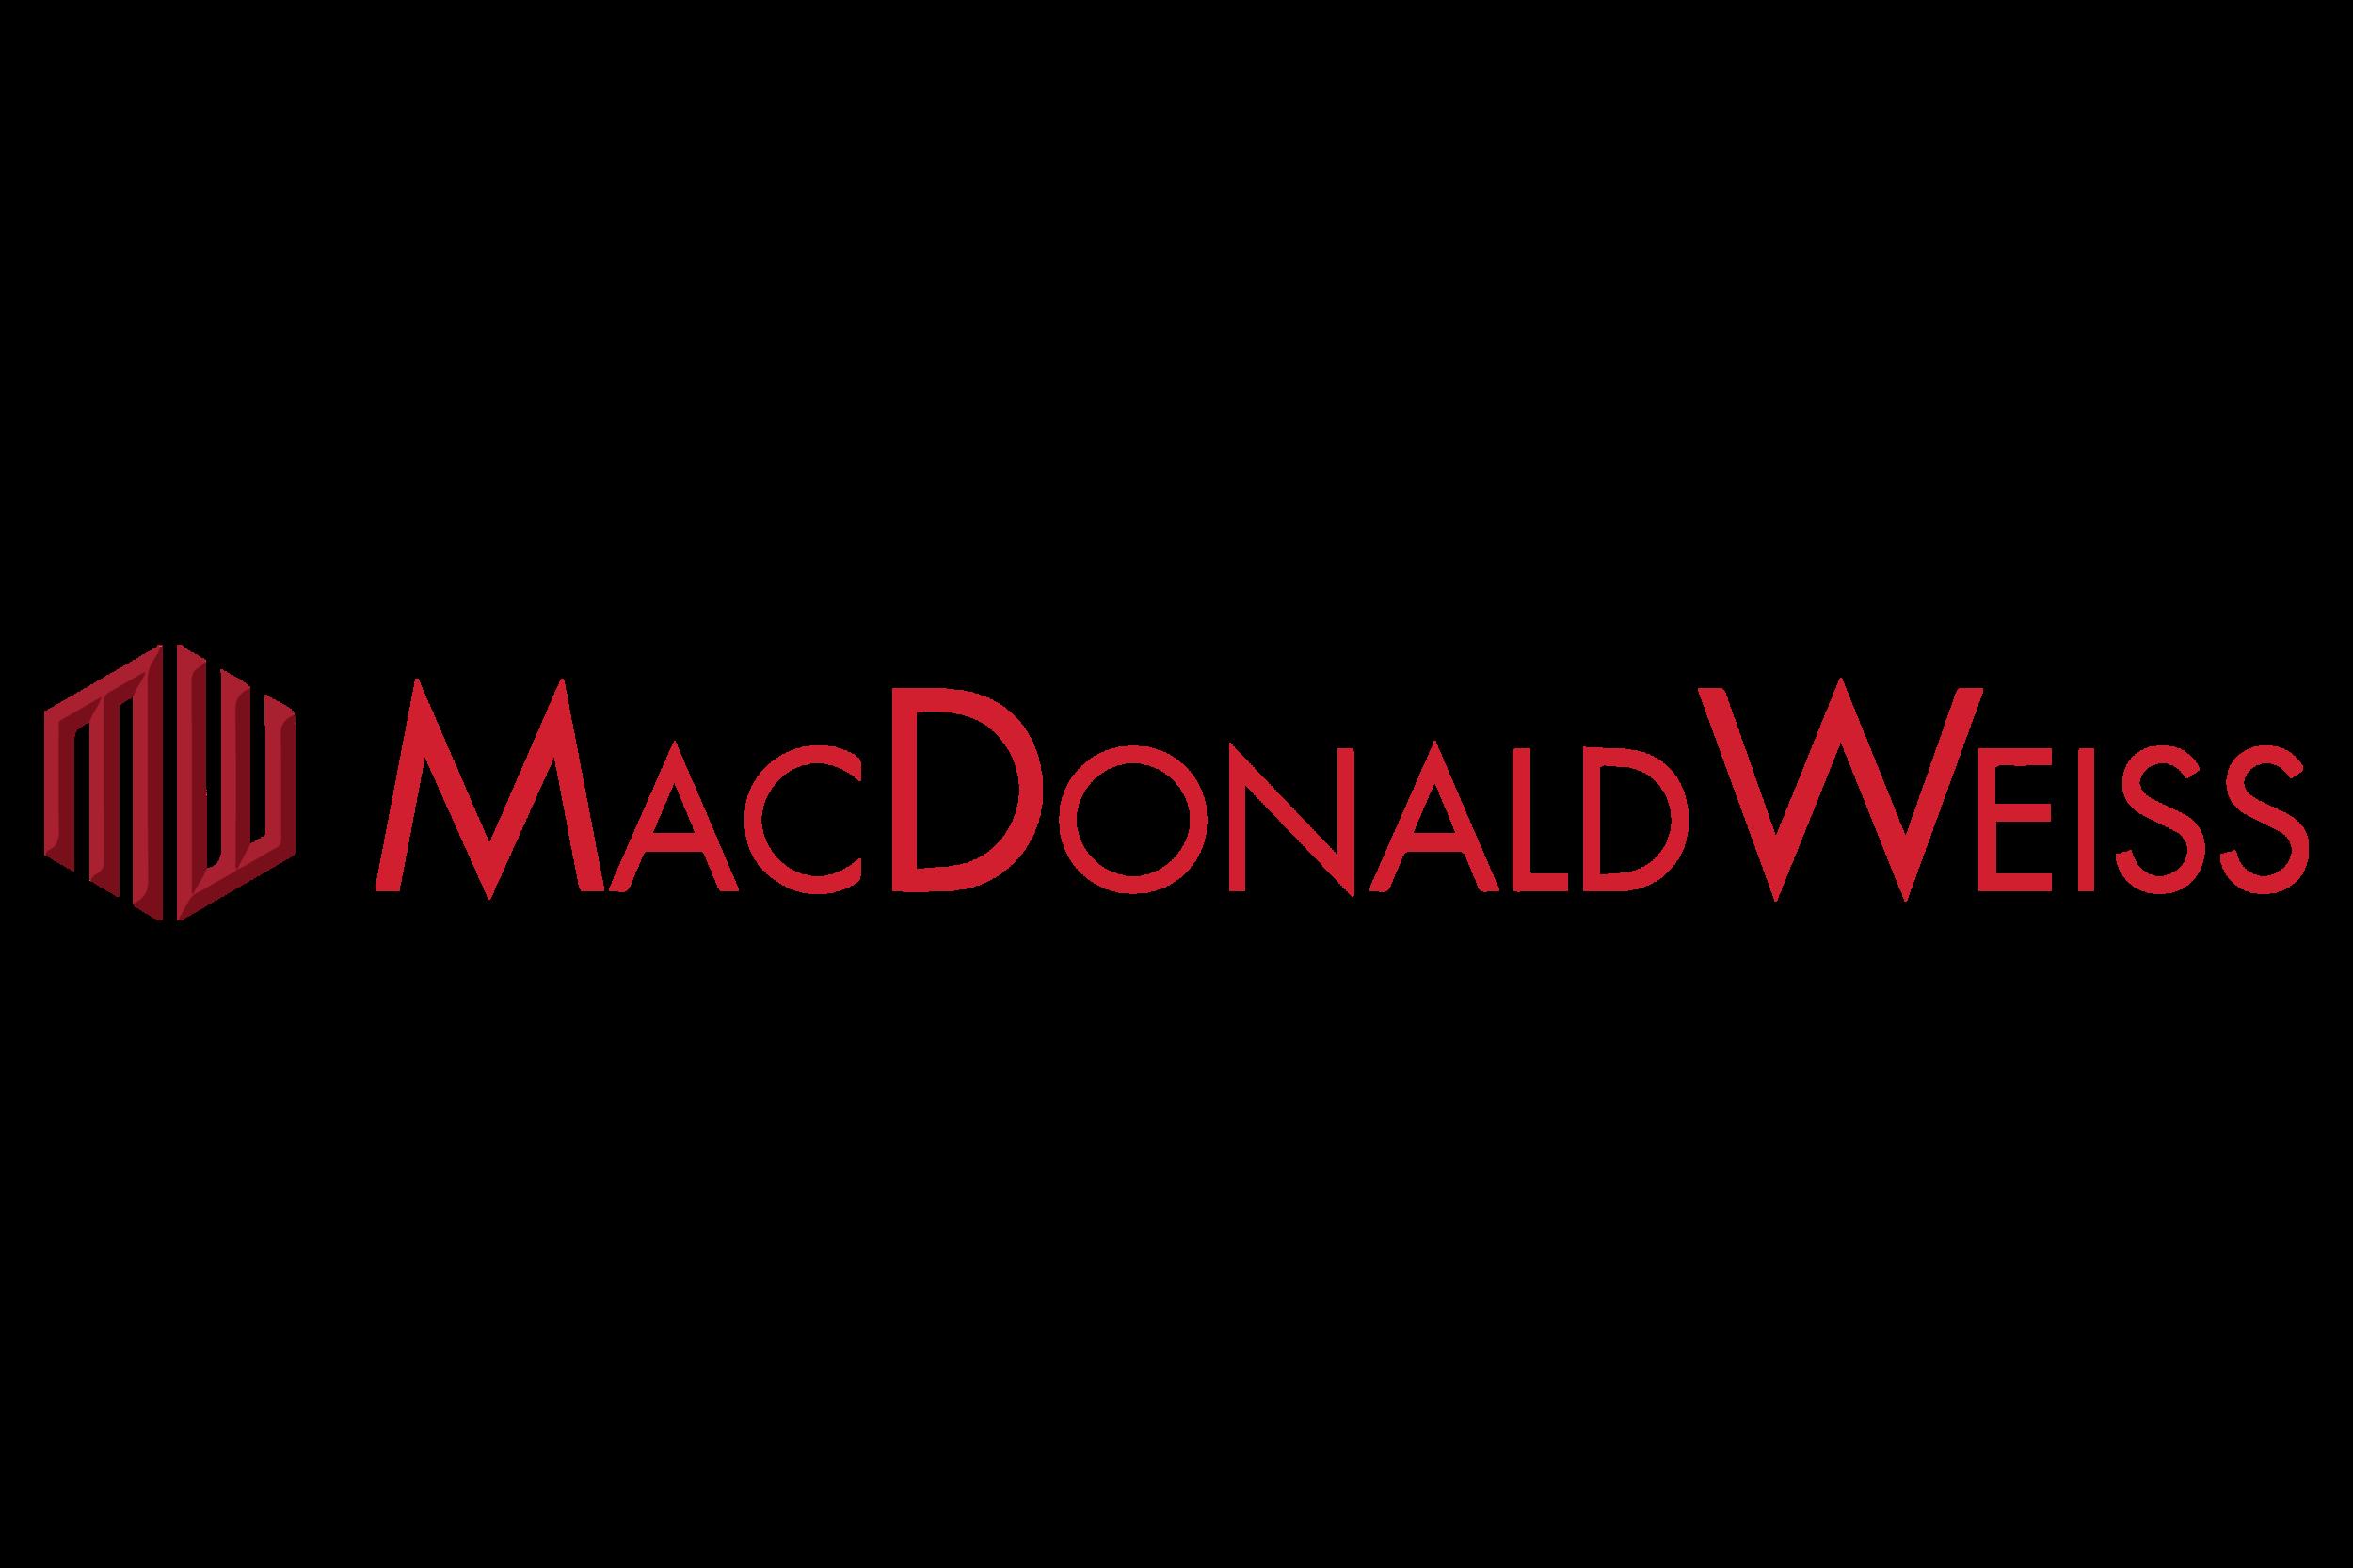 Logos_MASTER_MacDonald Weiss-176.png